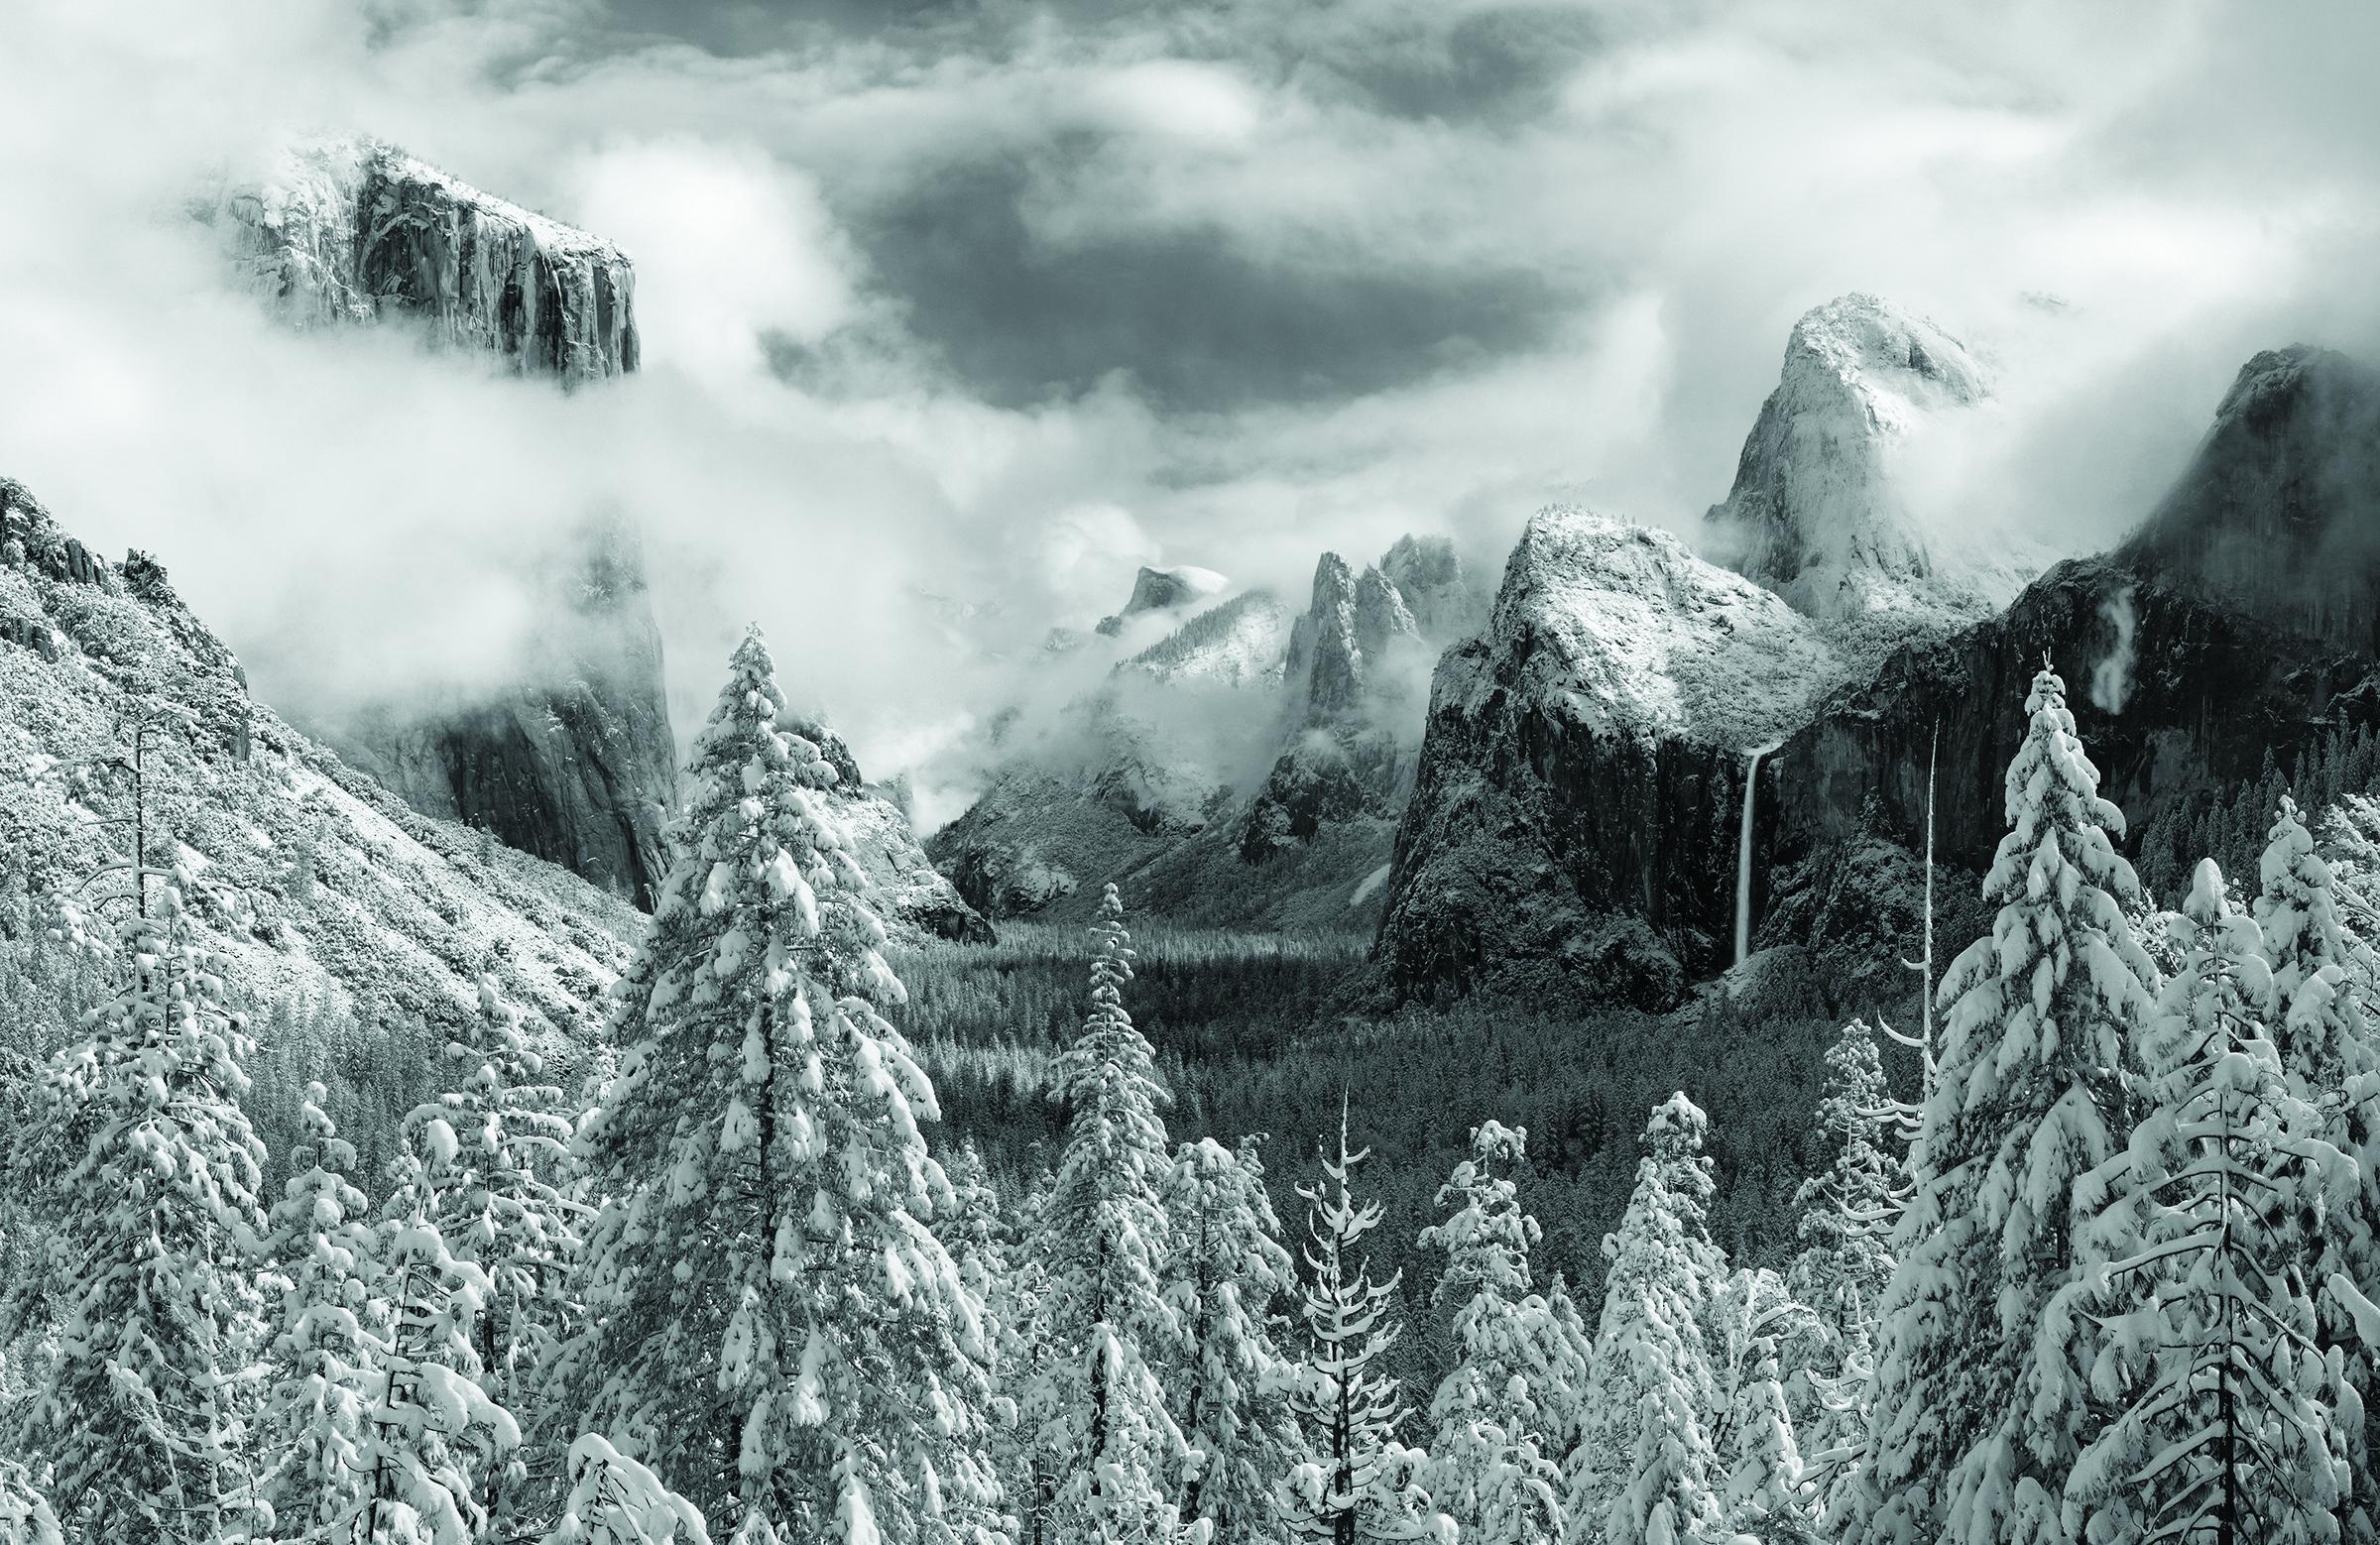 8. Soul of Yosemite jetset